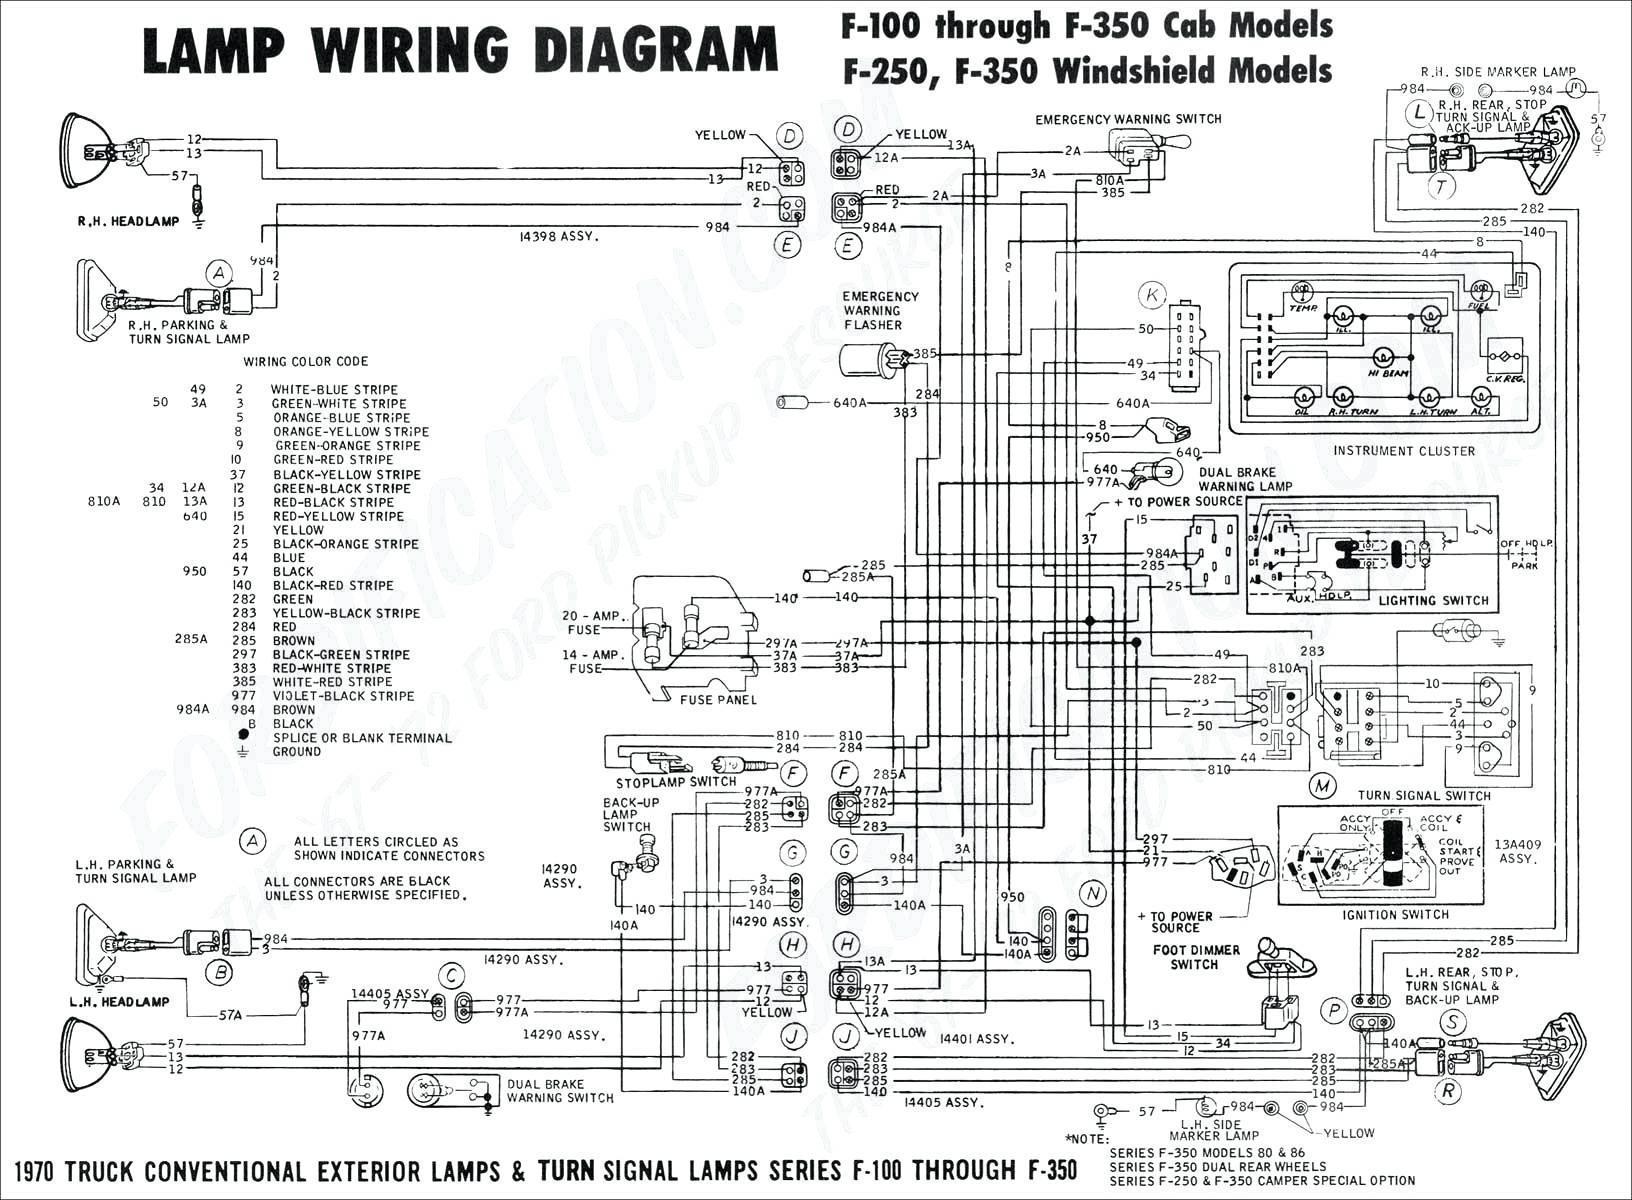 vonage wiring diagram